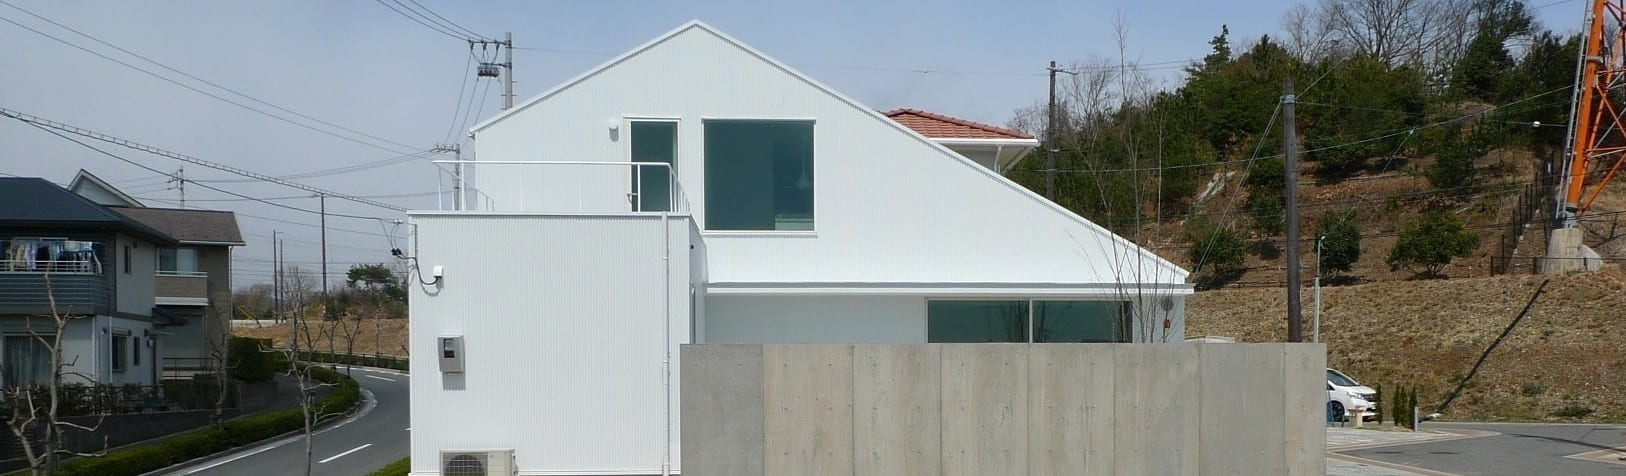 市原忍建築設計事務所 / Shinobu Ichihara Architects